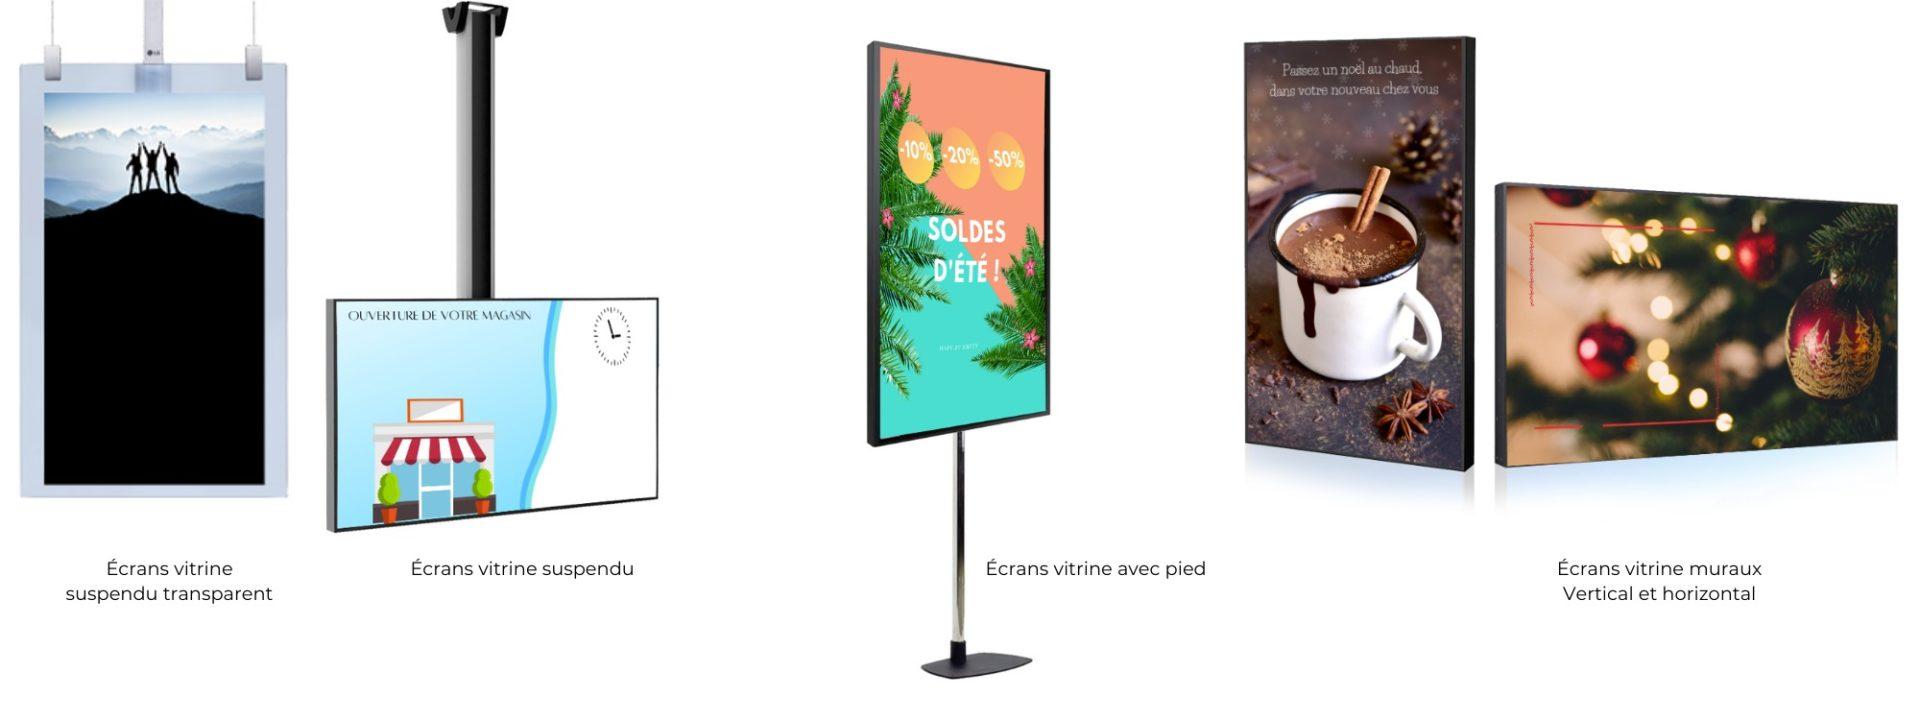 écrans vitrine : Emity.io